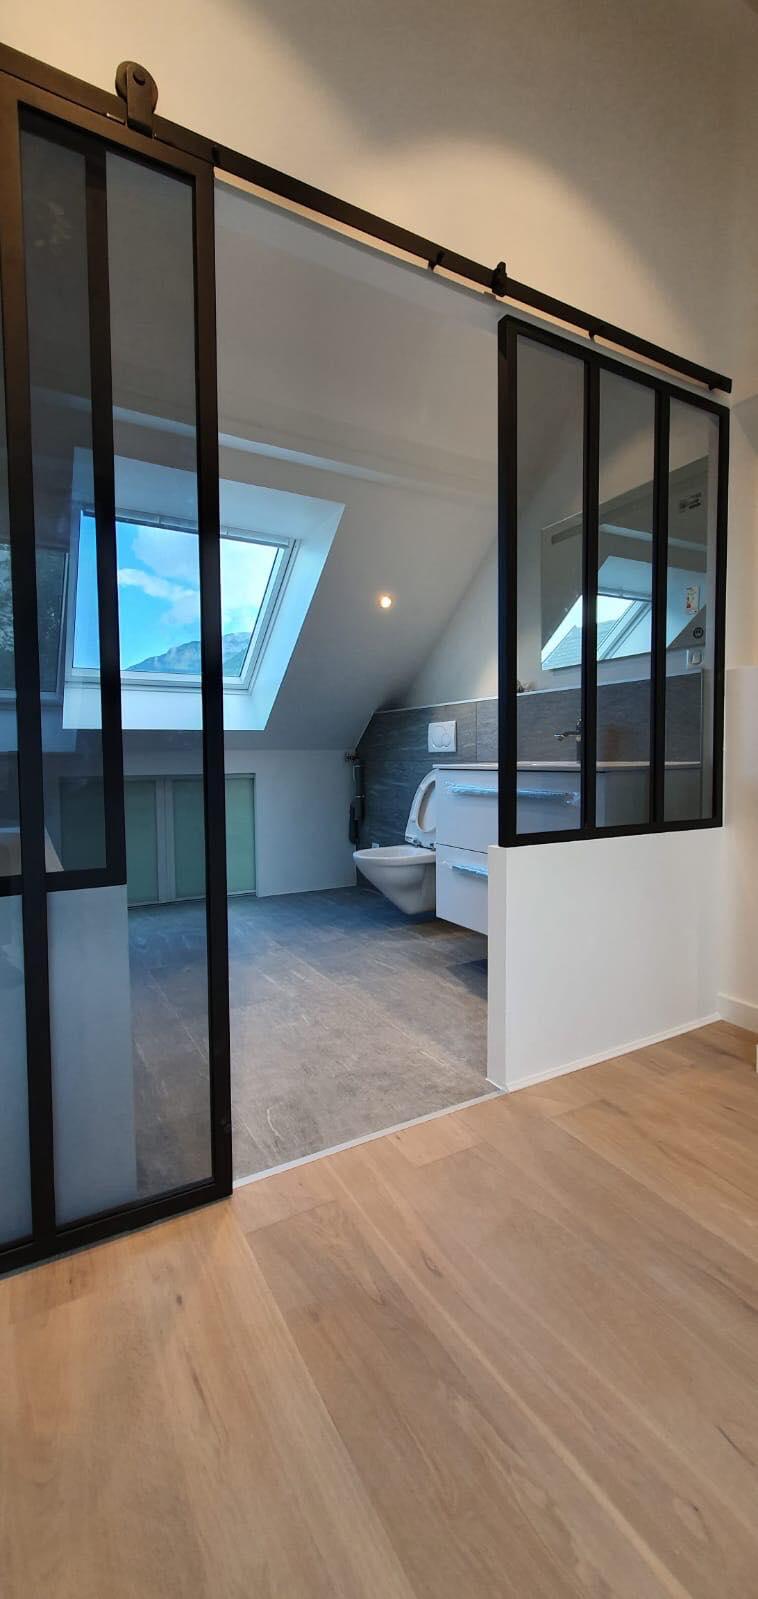 Verrière de salle de bain + porte coulissante ROBI Annecy (74)5